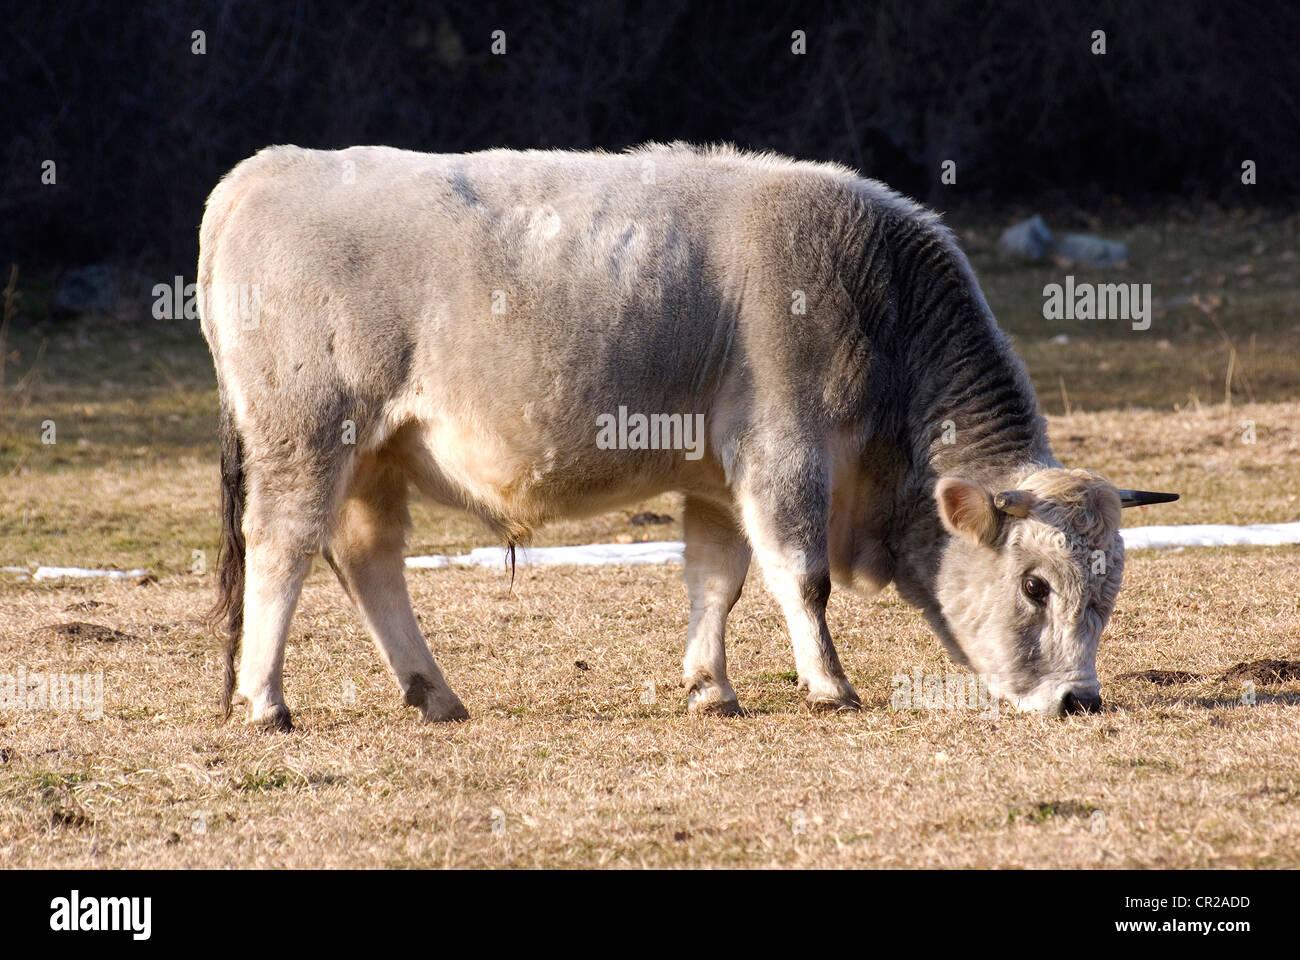 Bull Stockbild